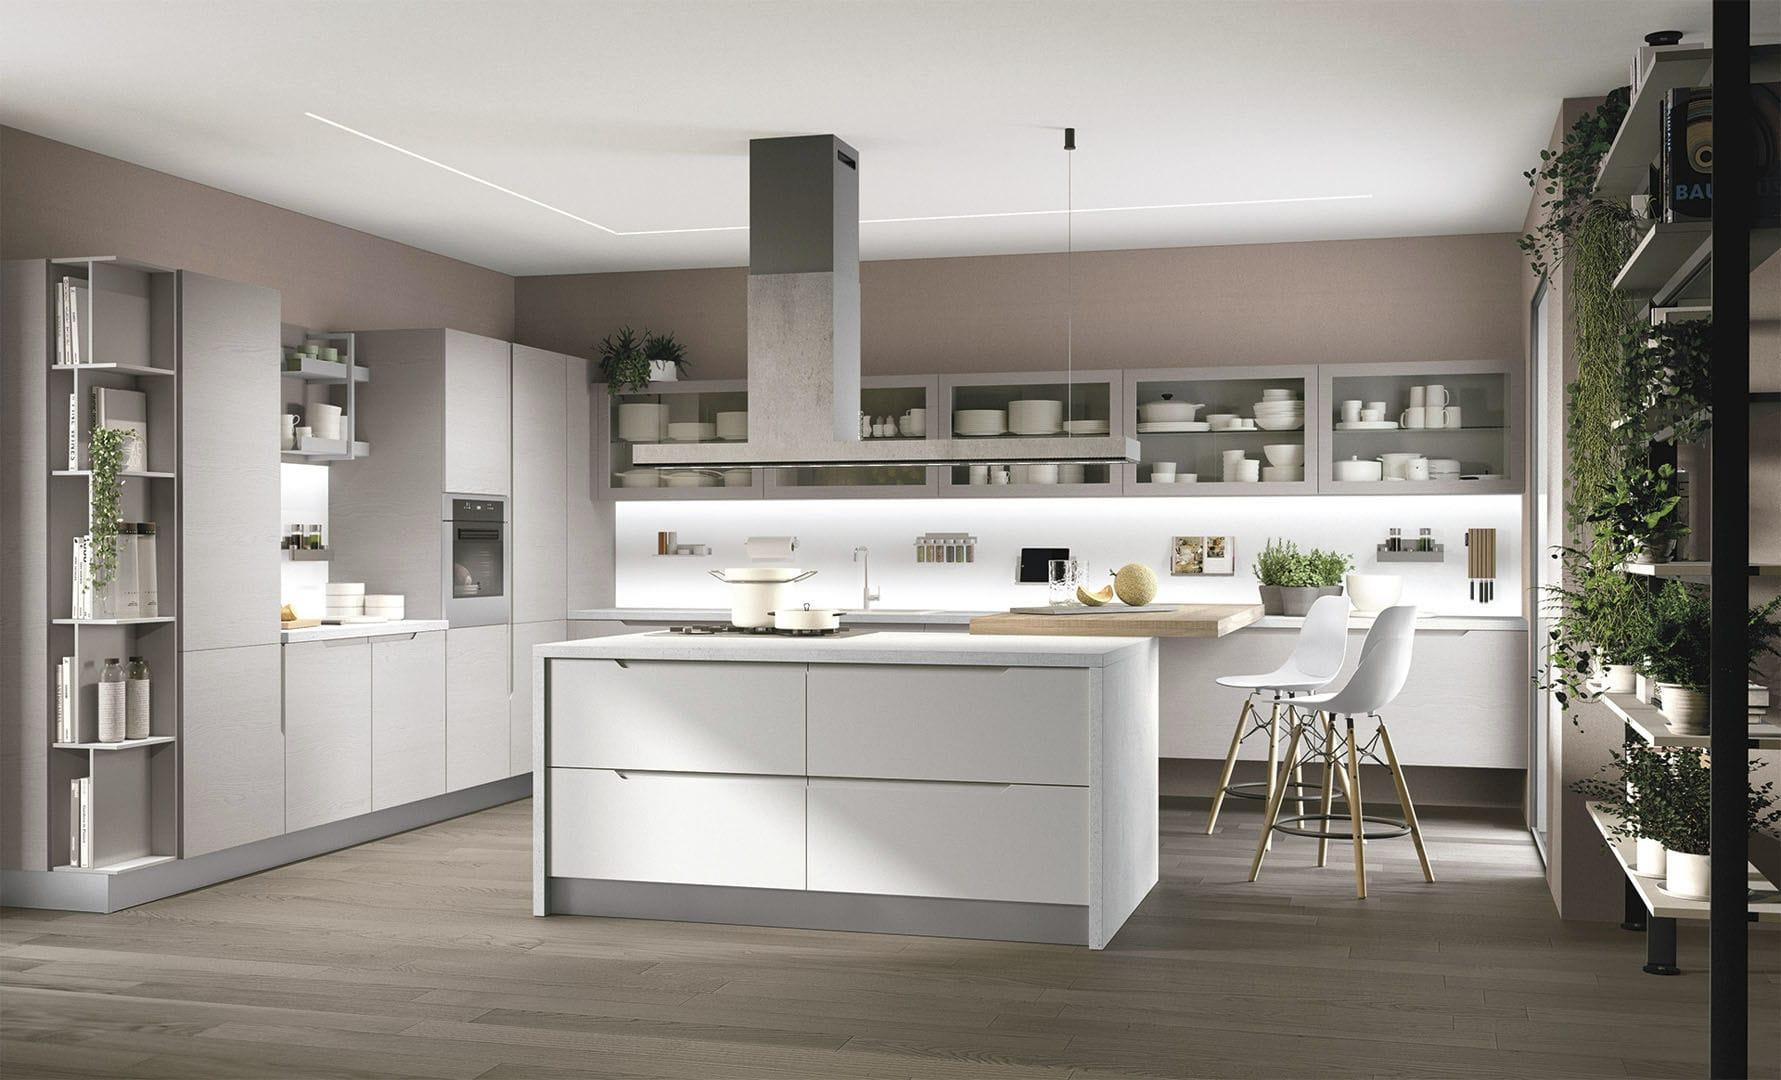 Cucine Moderne Con Isola Lube.Cucina Moderna In Legno Con Isola Laccata Luna